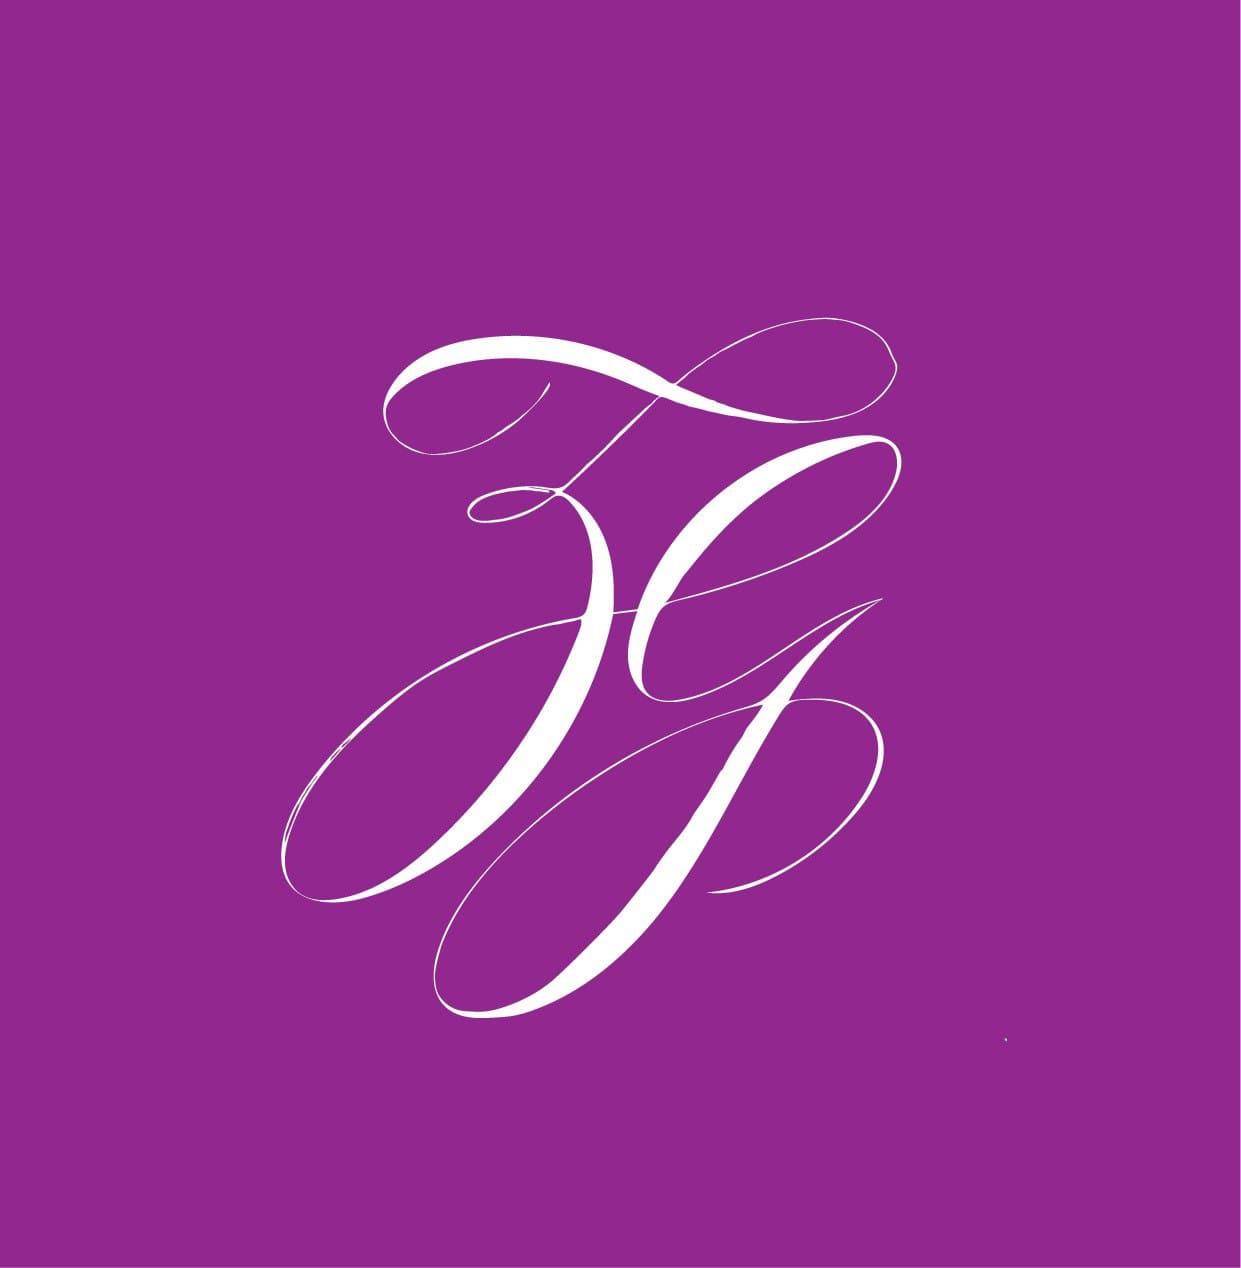 Jaleh Logo Purpul